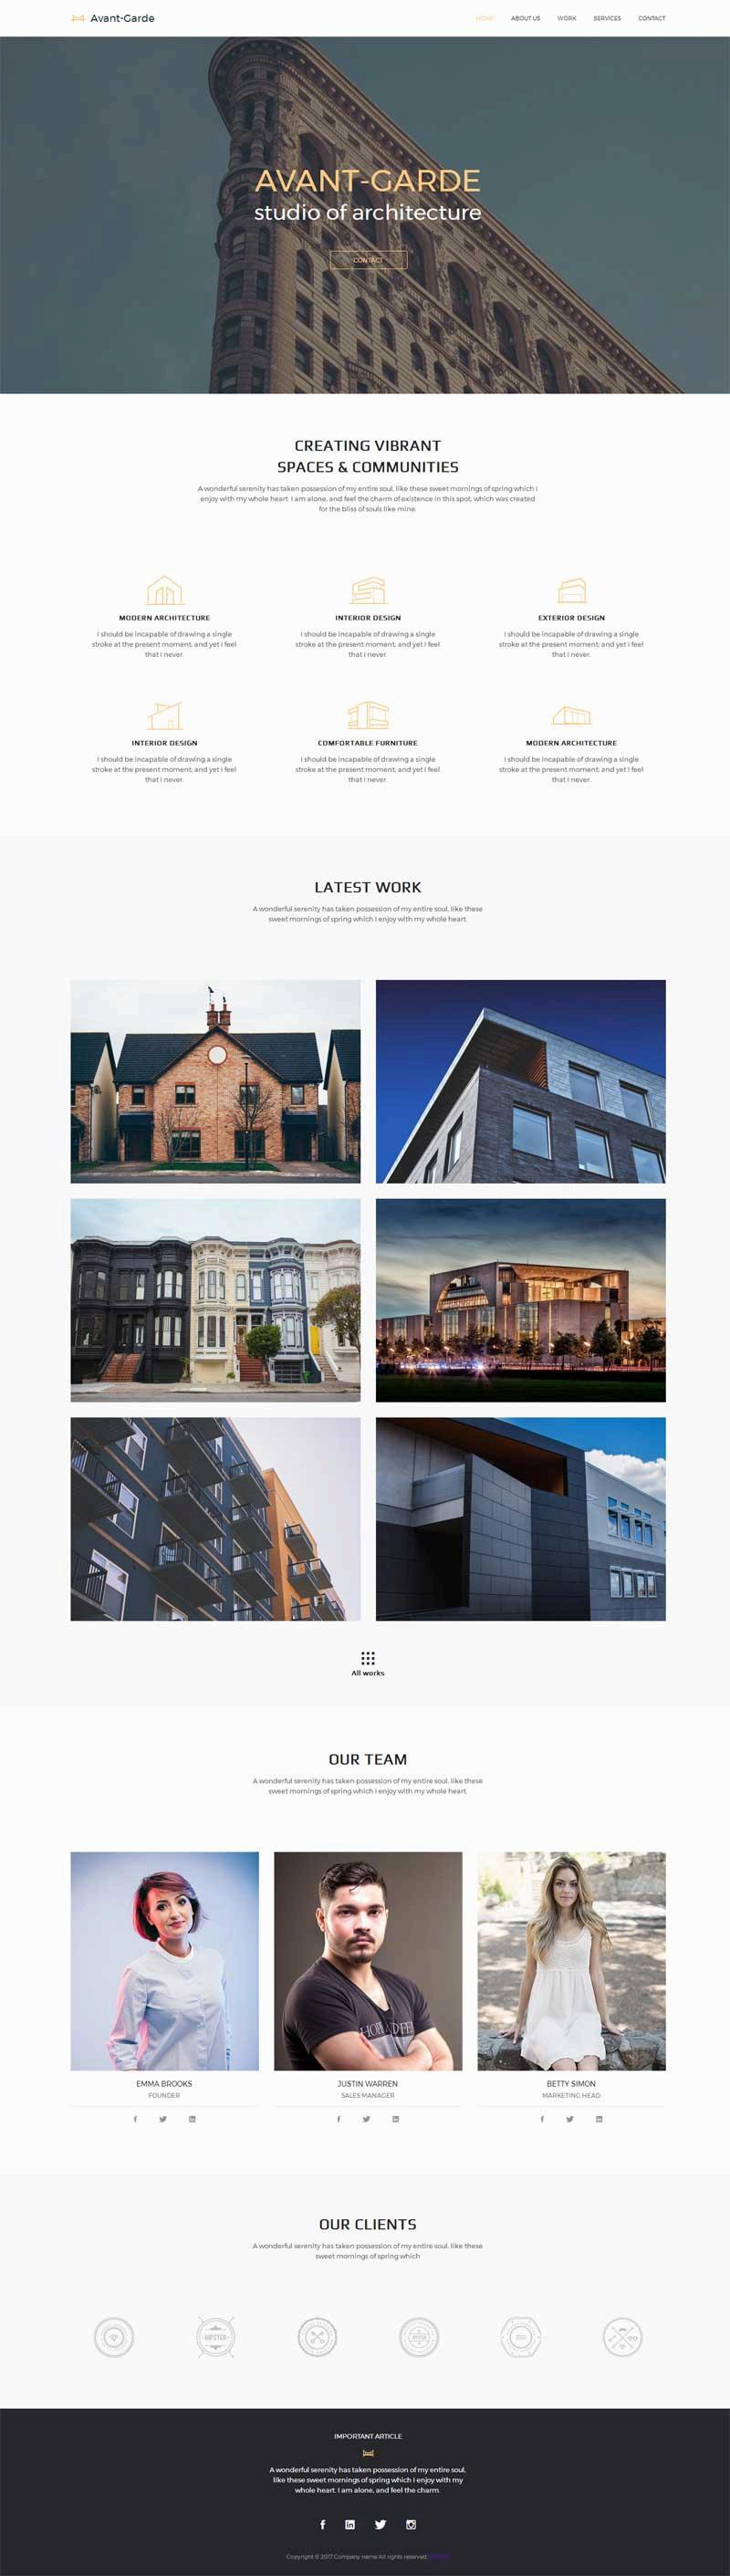 简单大气的建筑设计公司网站静态模板